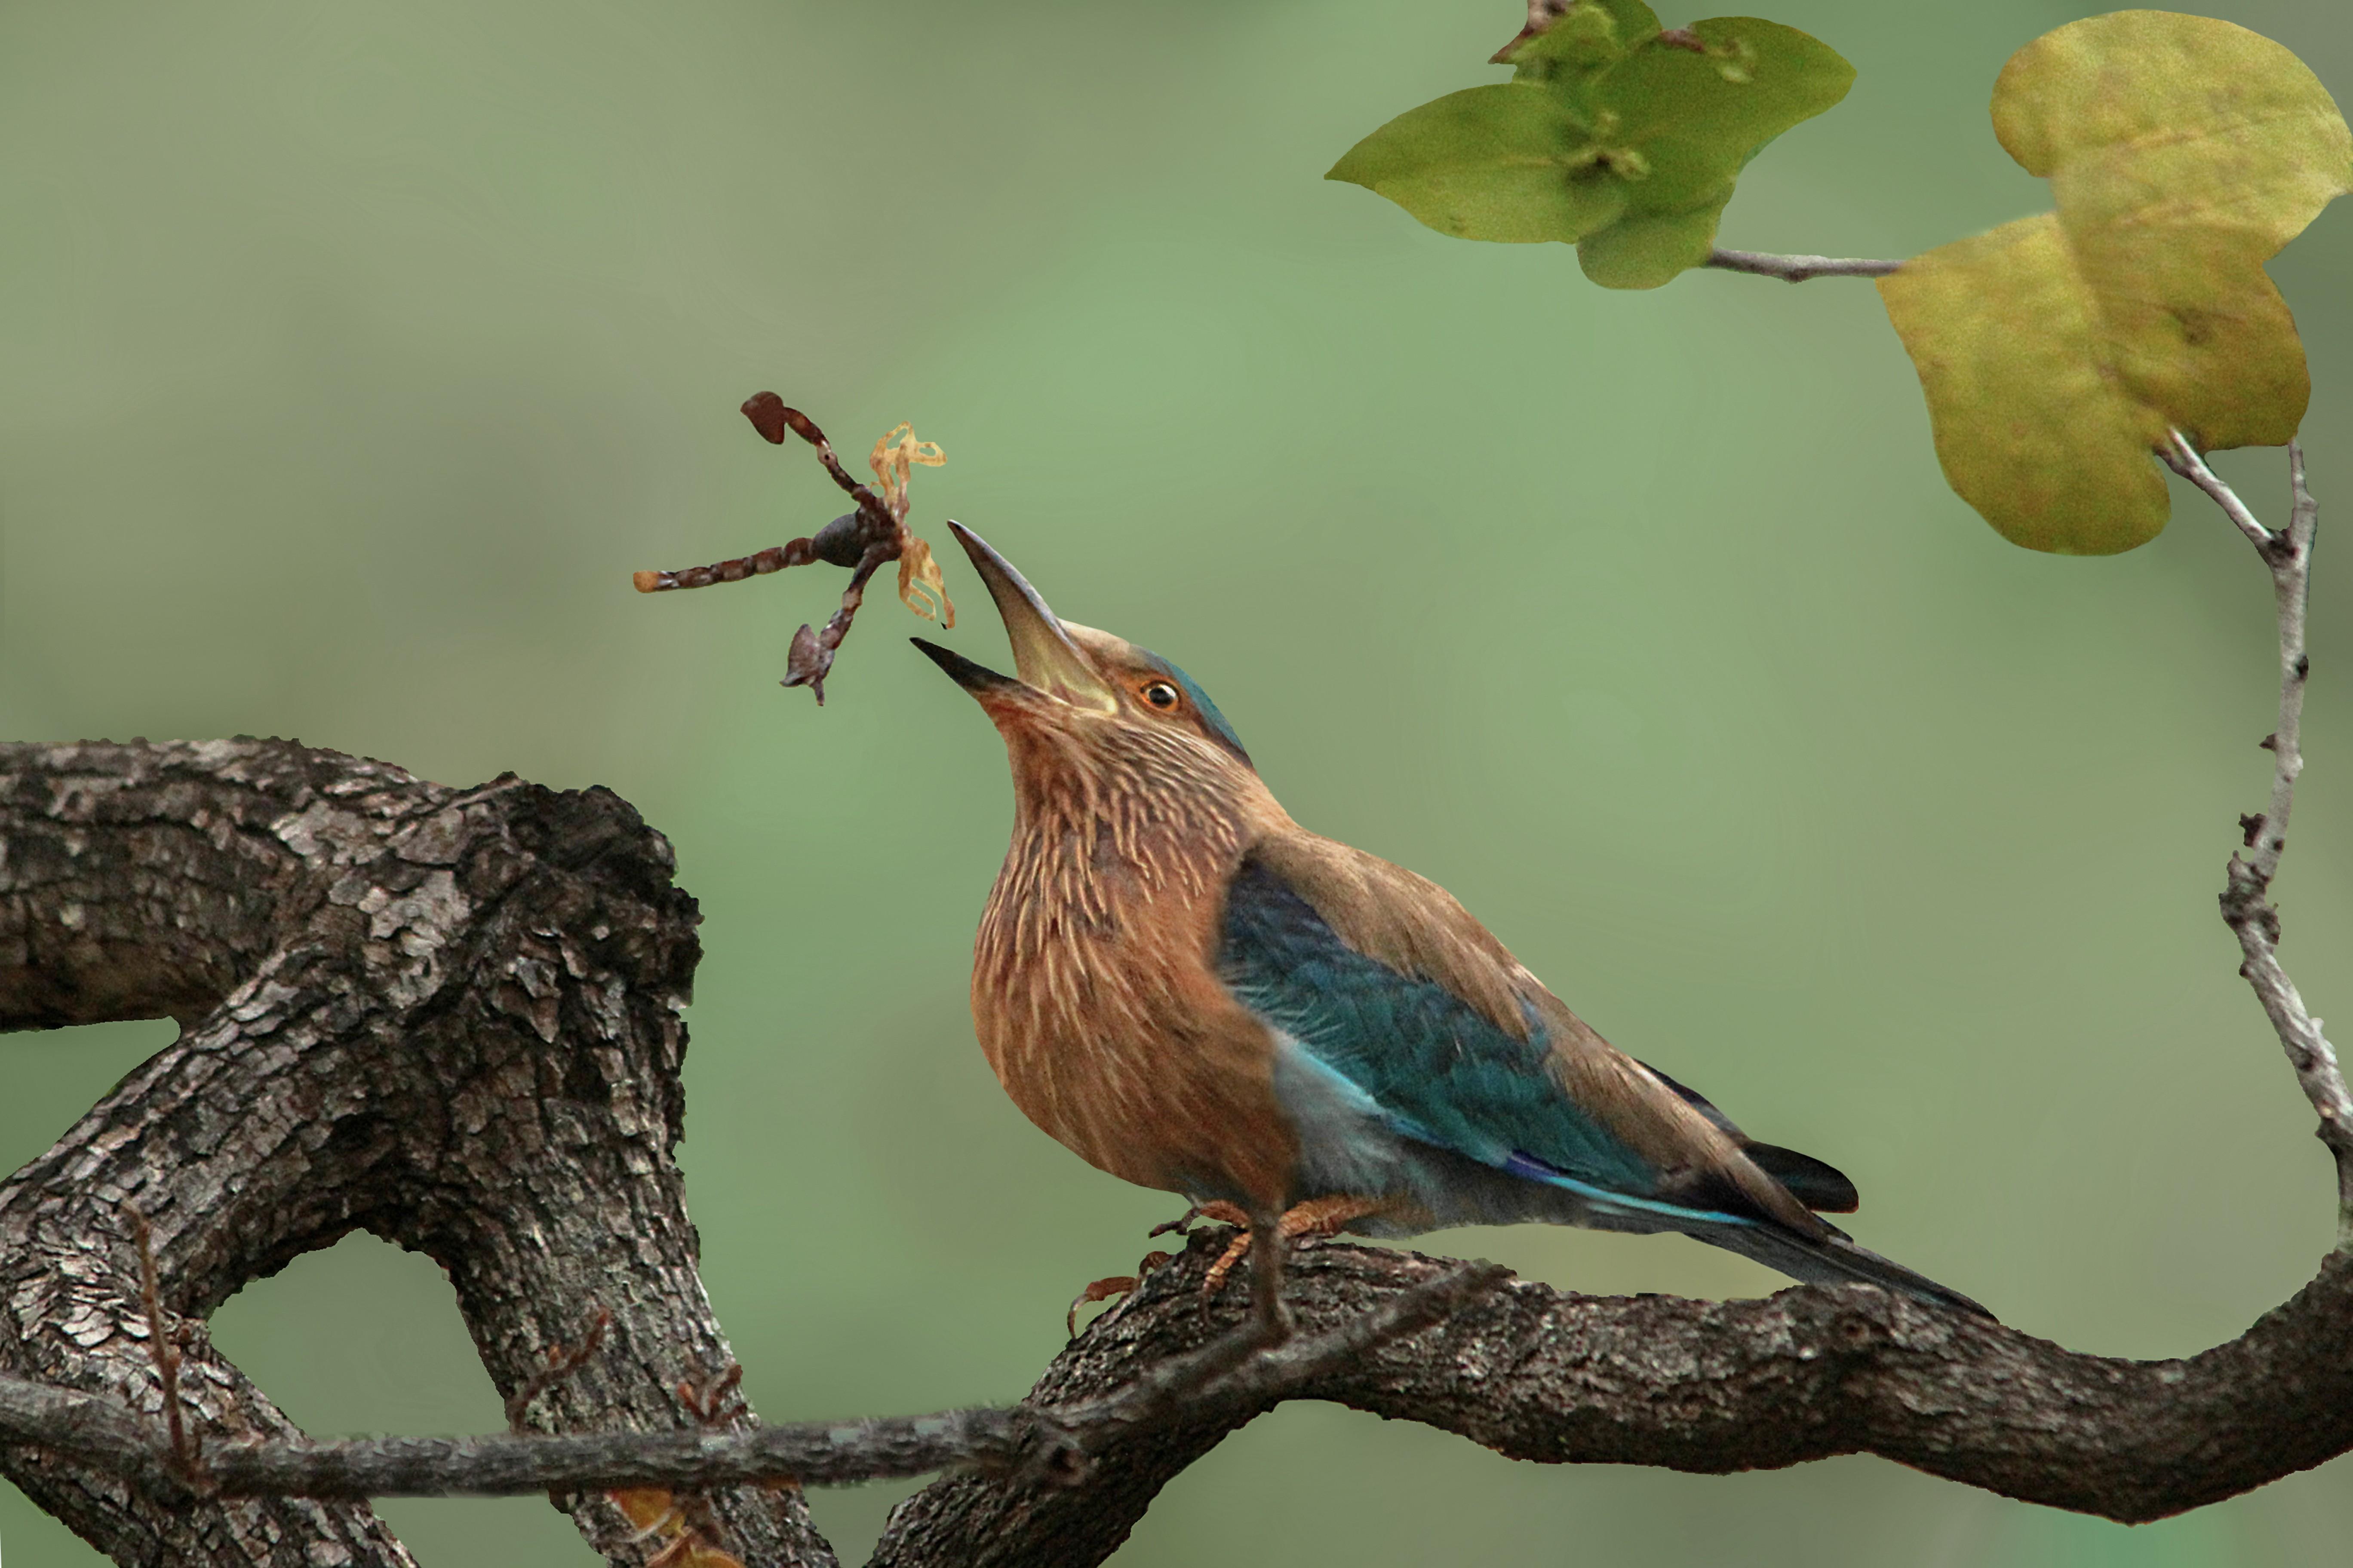 Um flagrante da natureza registrado por Susmita Datta e que ganhou menção honrosa na competição (Foto: Susmita Datta / Divulgação)